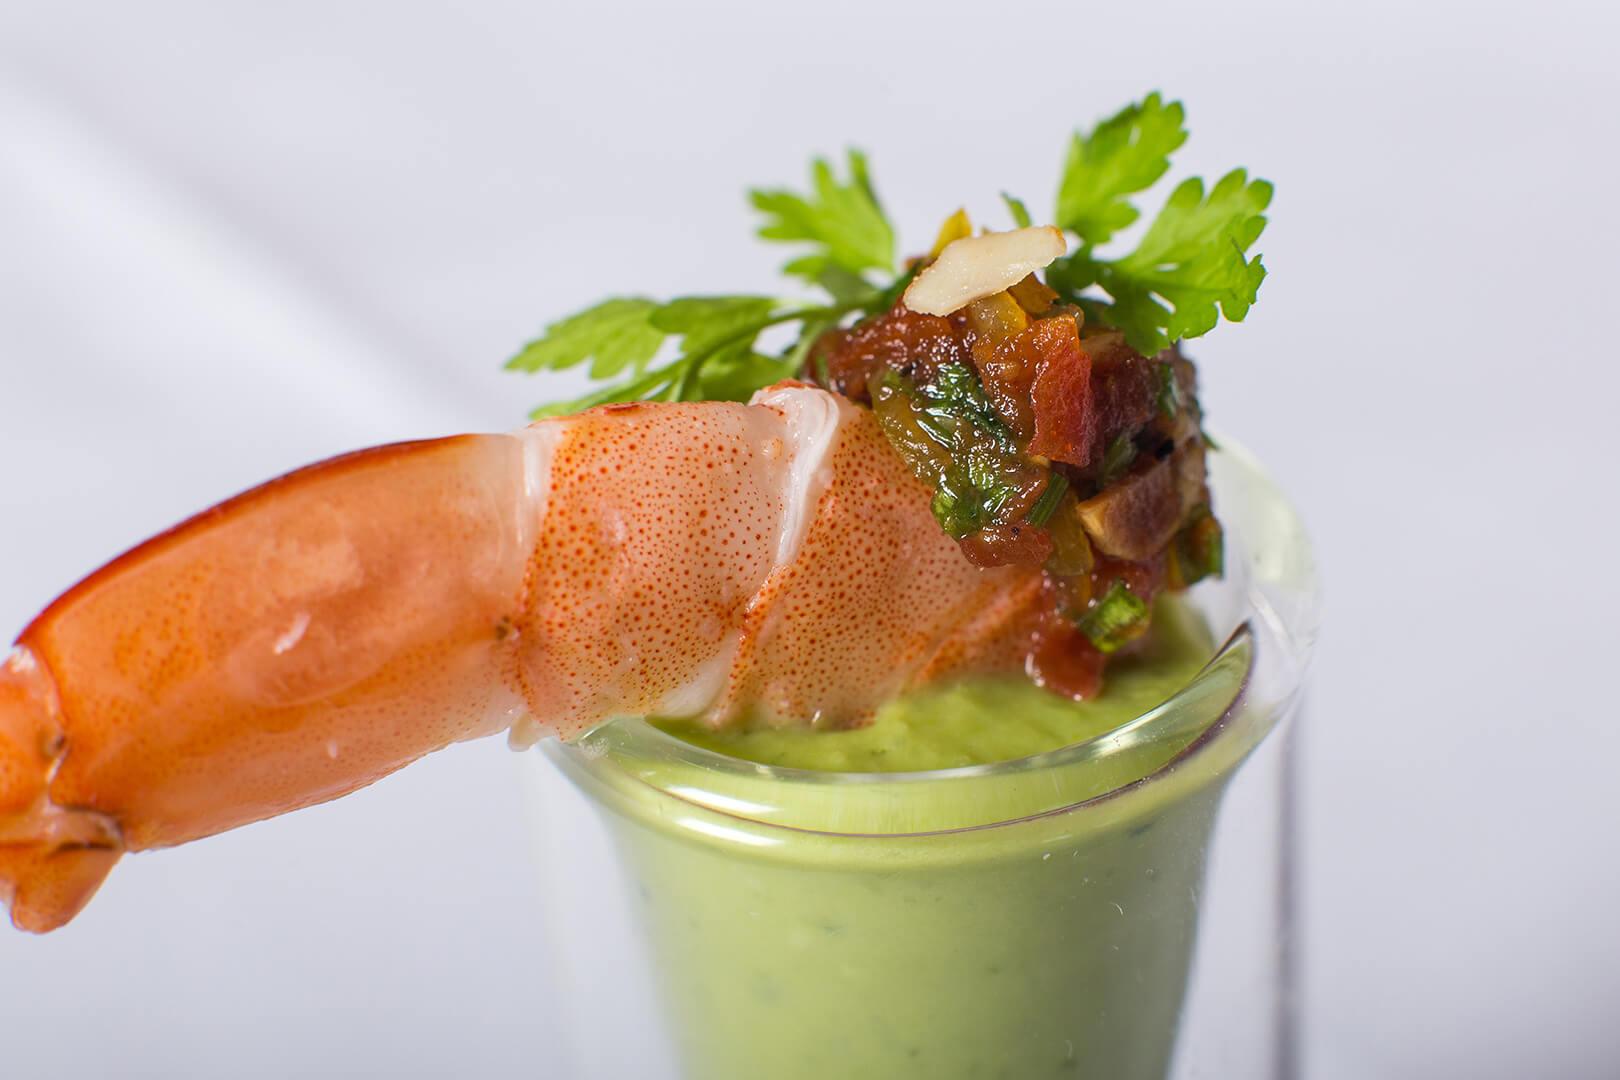 Panna cotta petit pois coco, crevette bouquet, condiment agrume - L'Atelier du Chef - Traiteur Corse